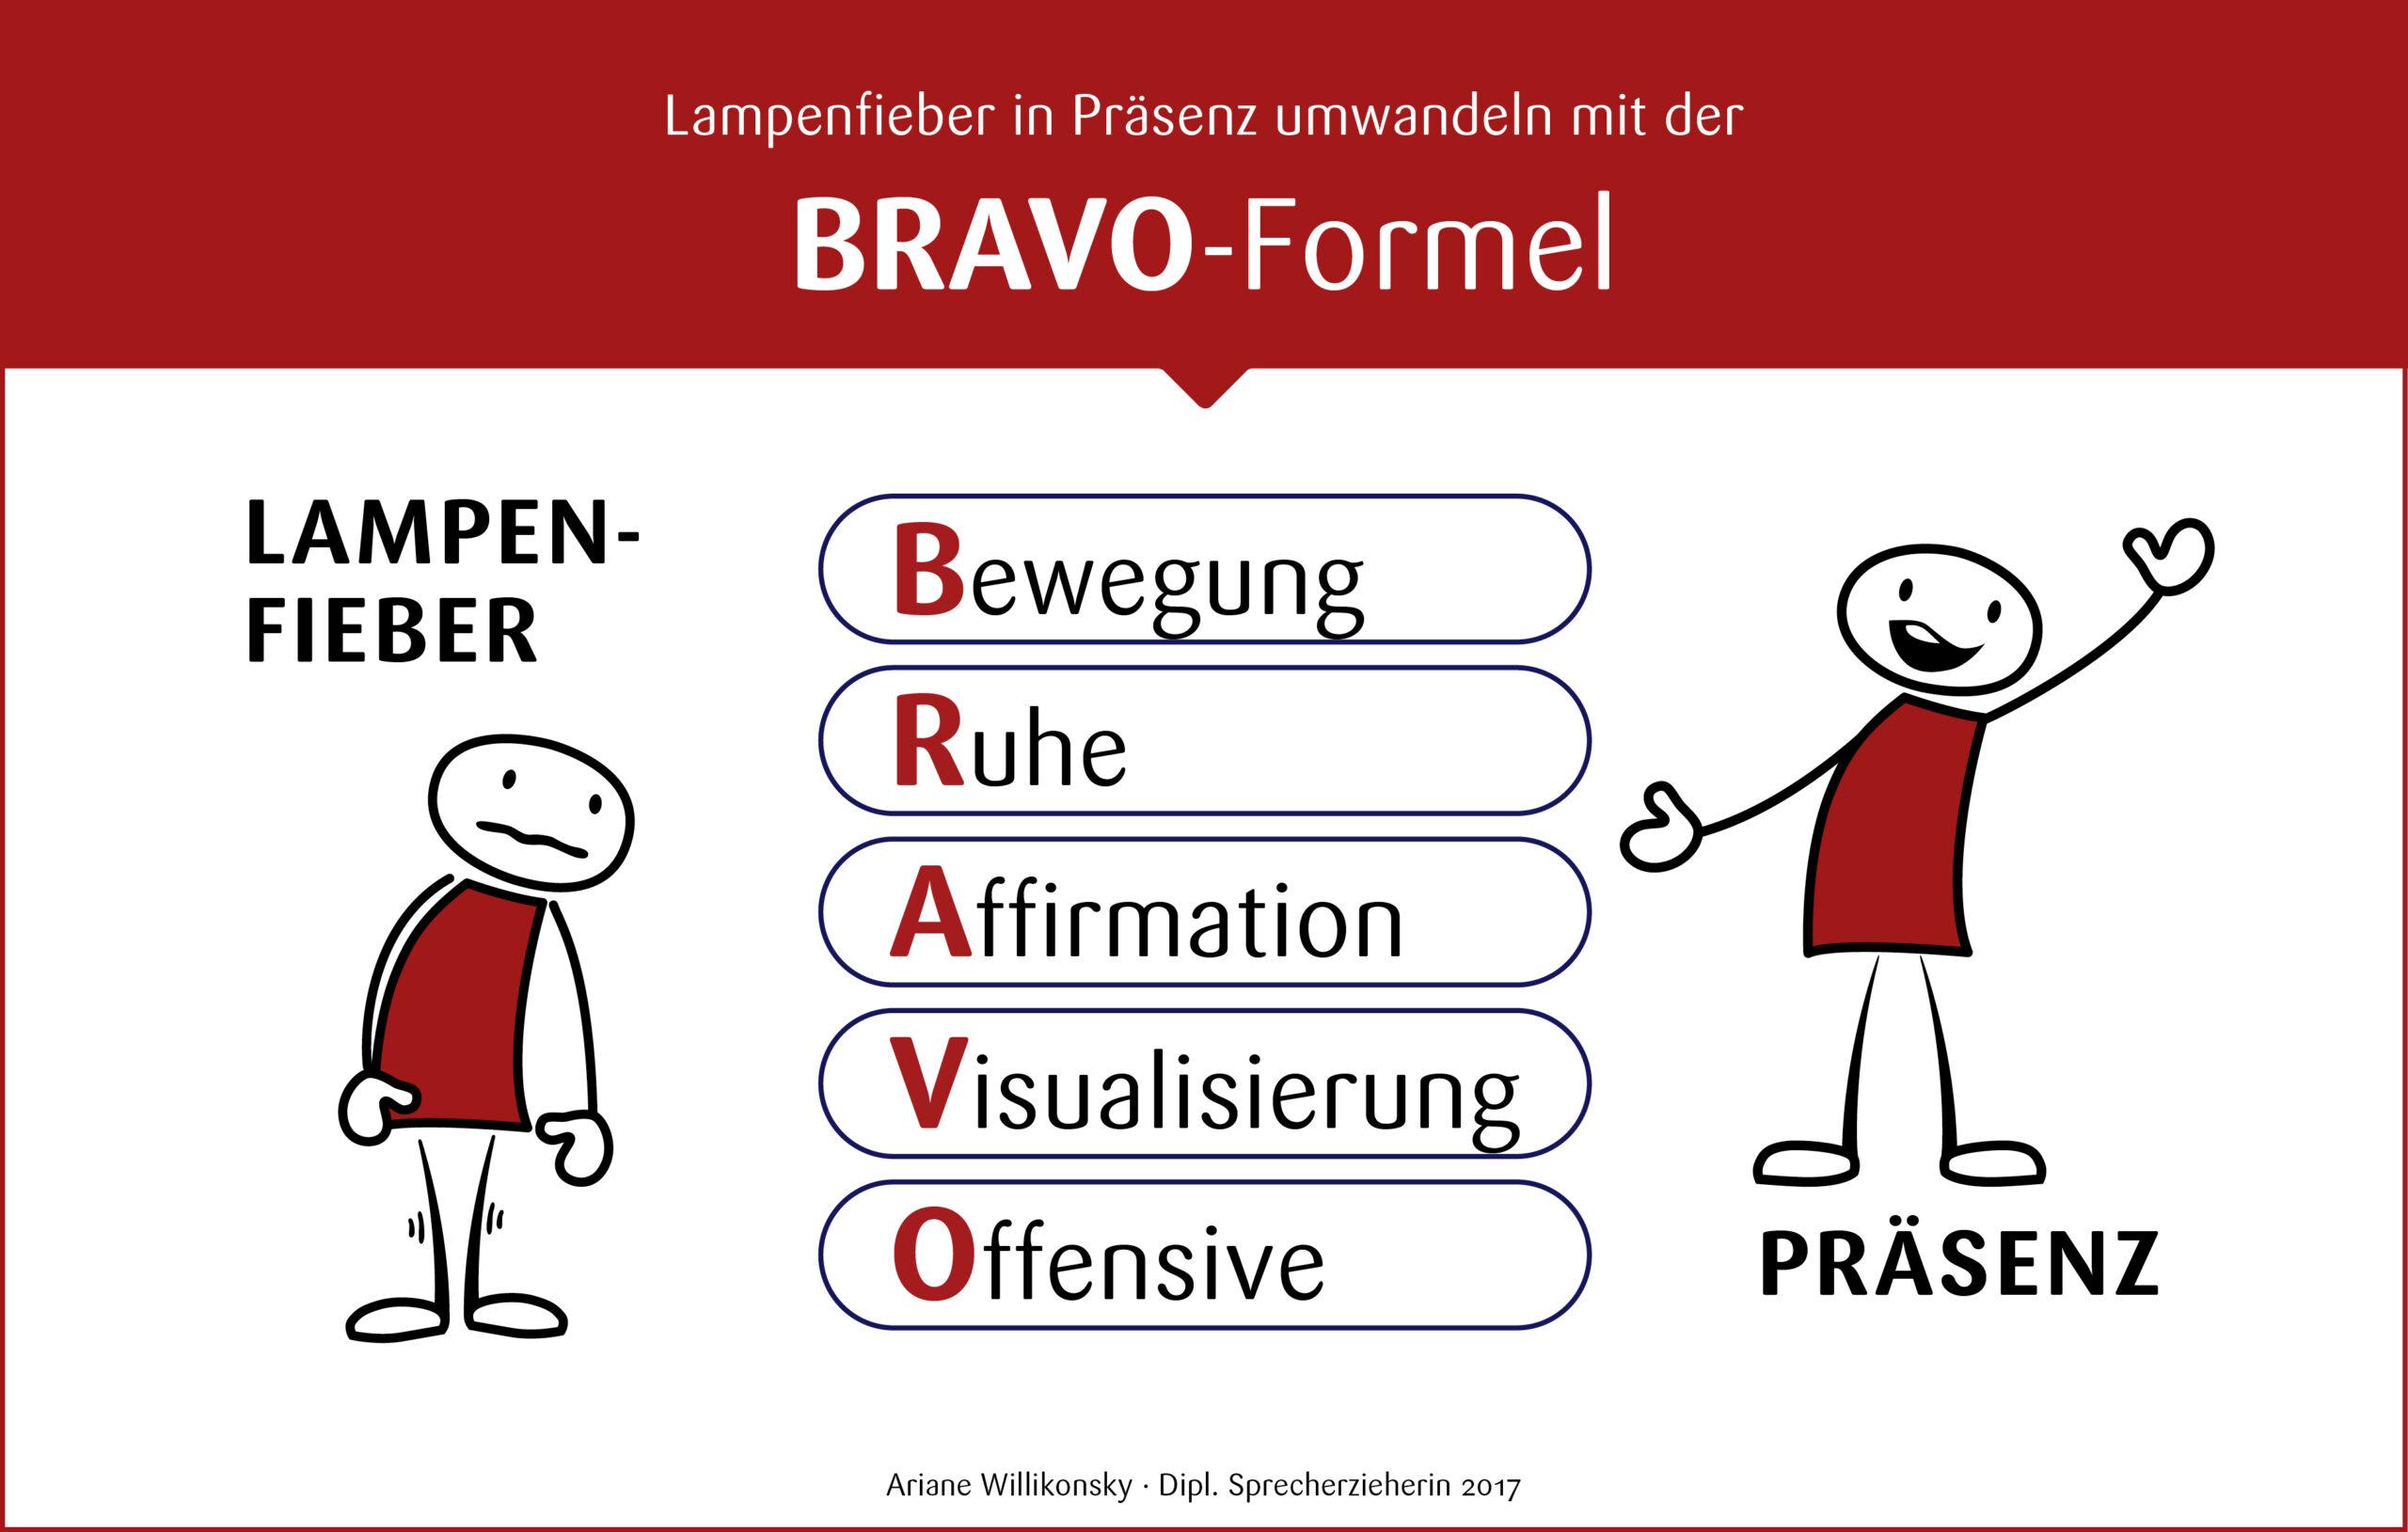 Lampenfieber BRVO Formel